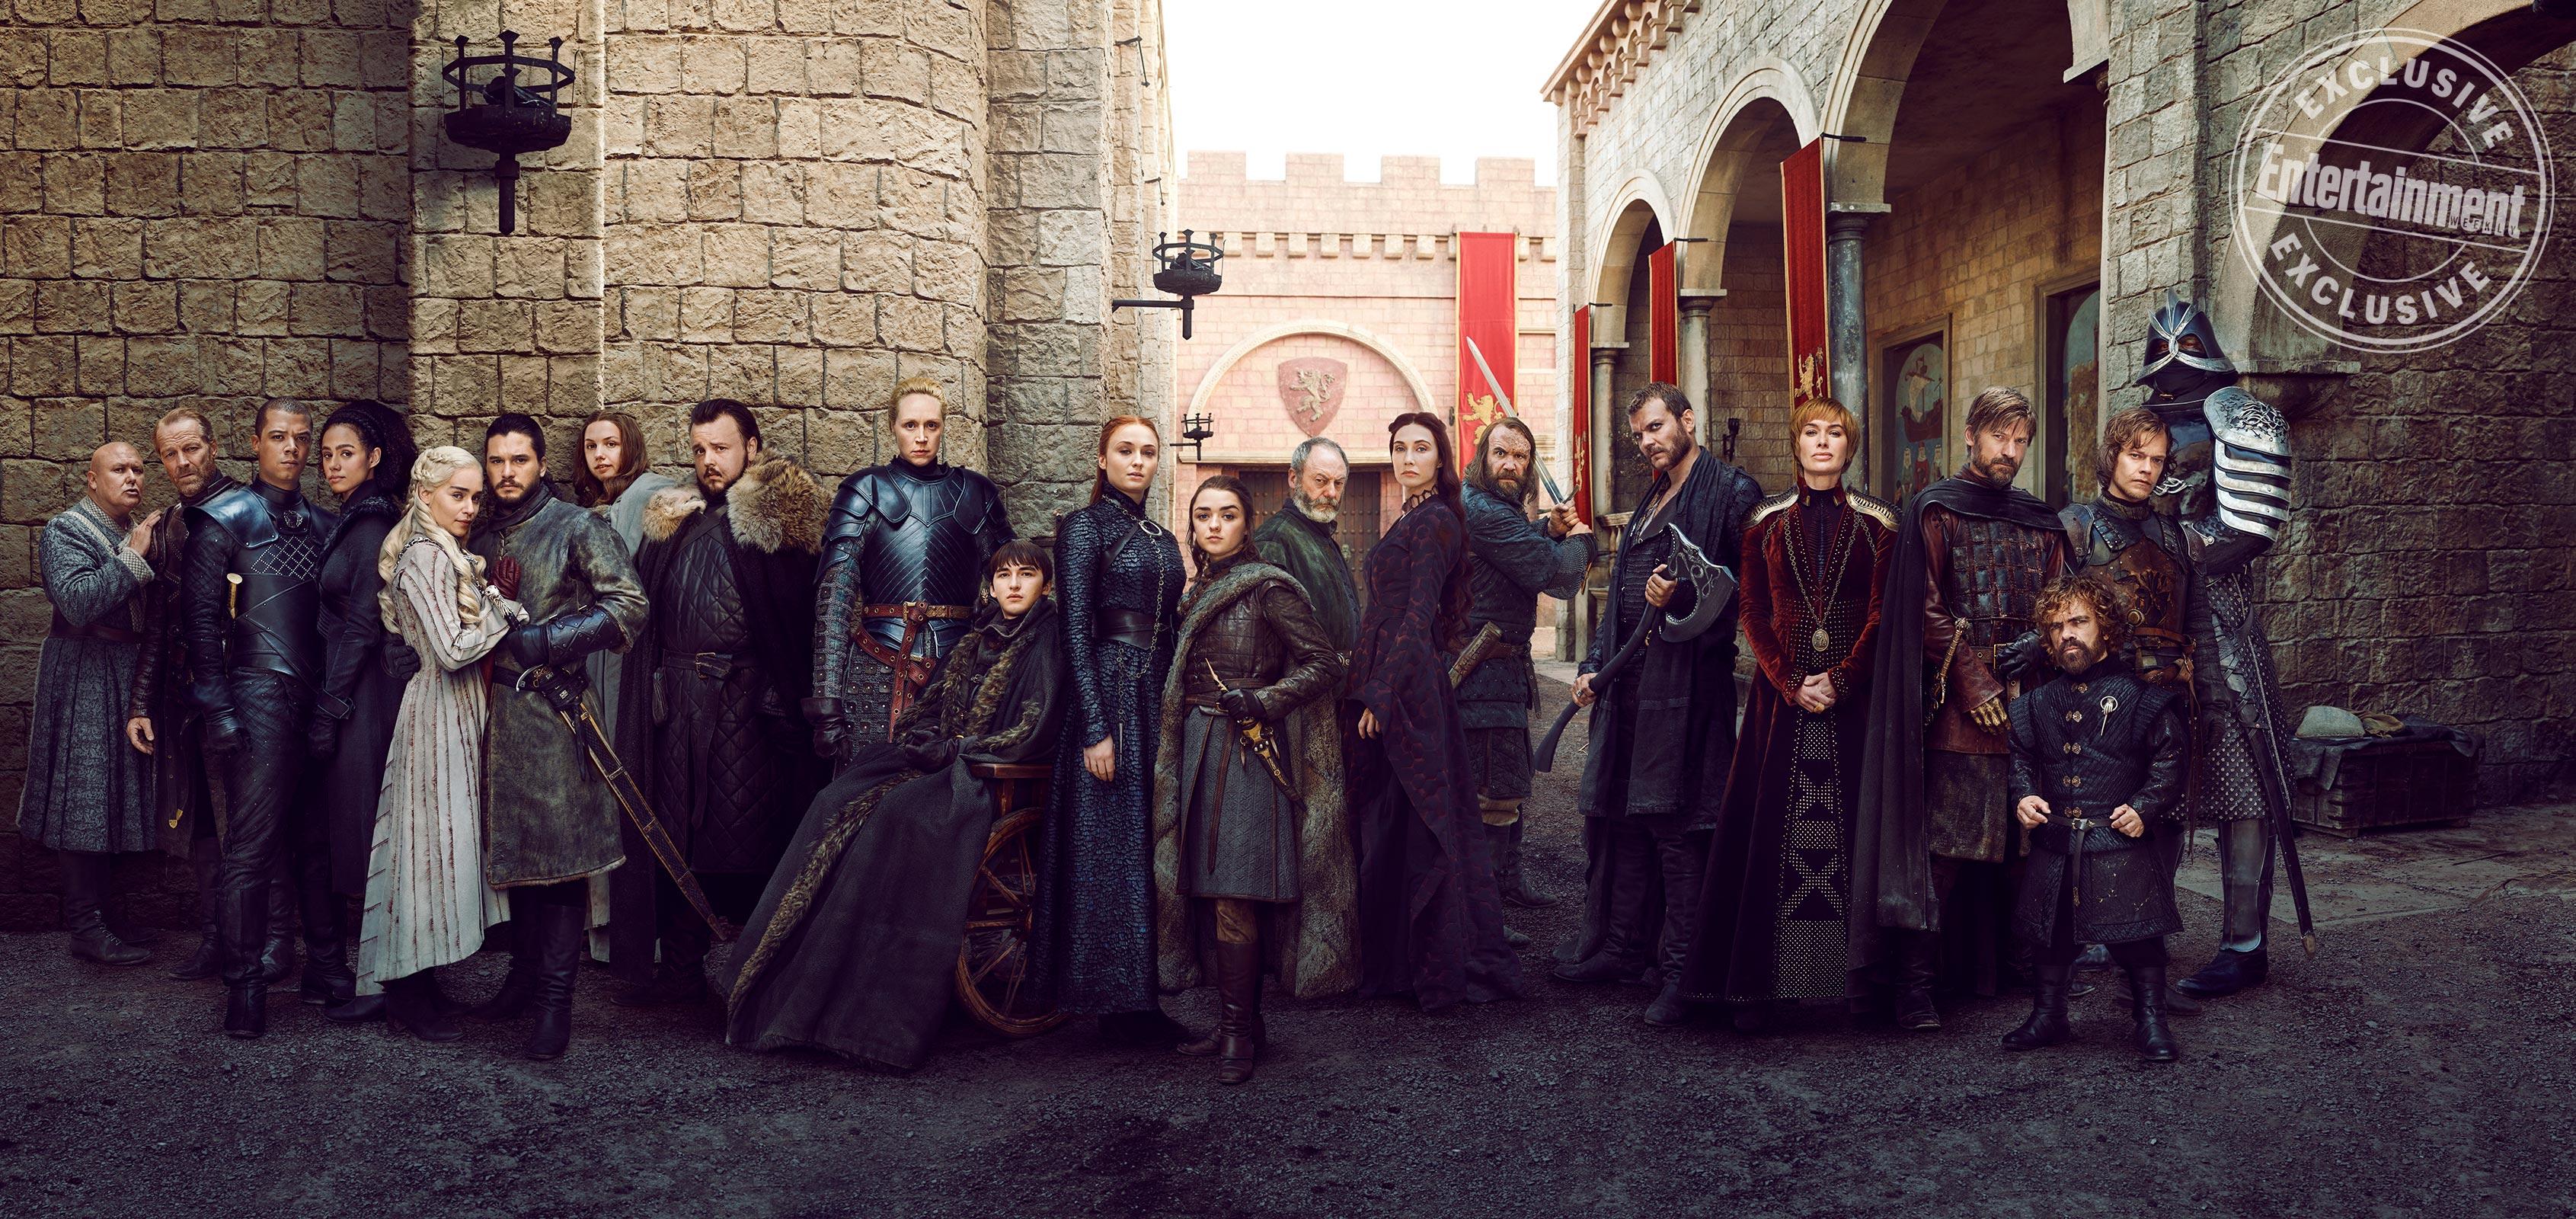 Il Trono di Spade 8: i protagonisti riuniti in una nuova foto